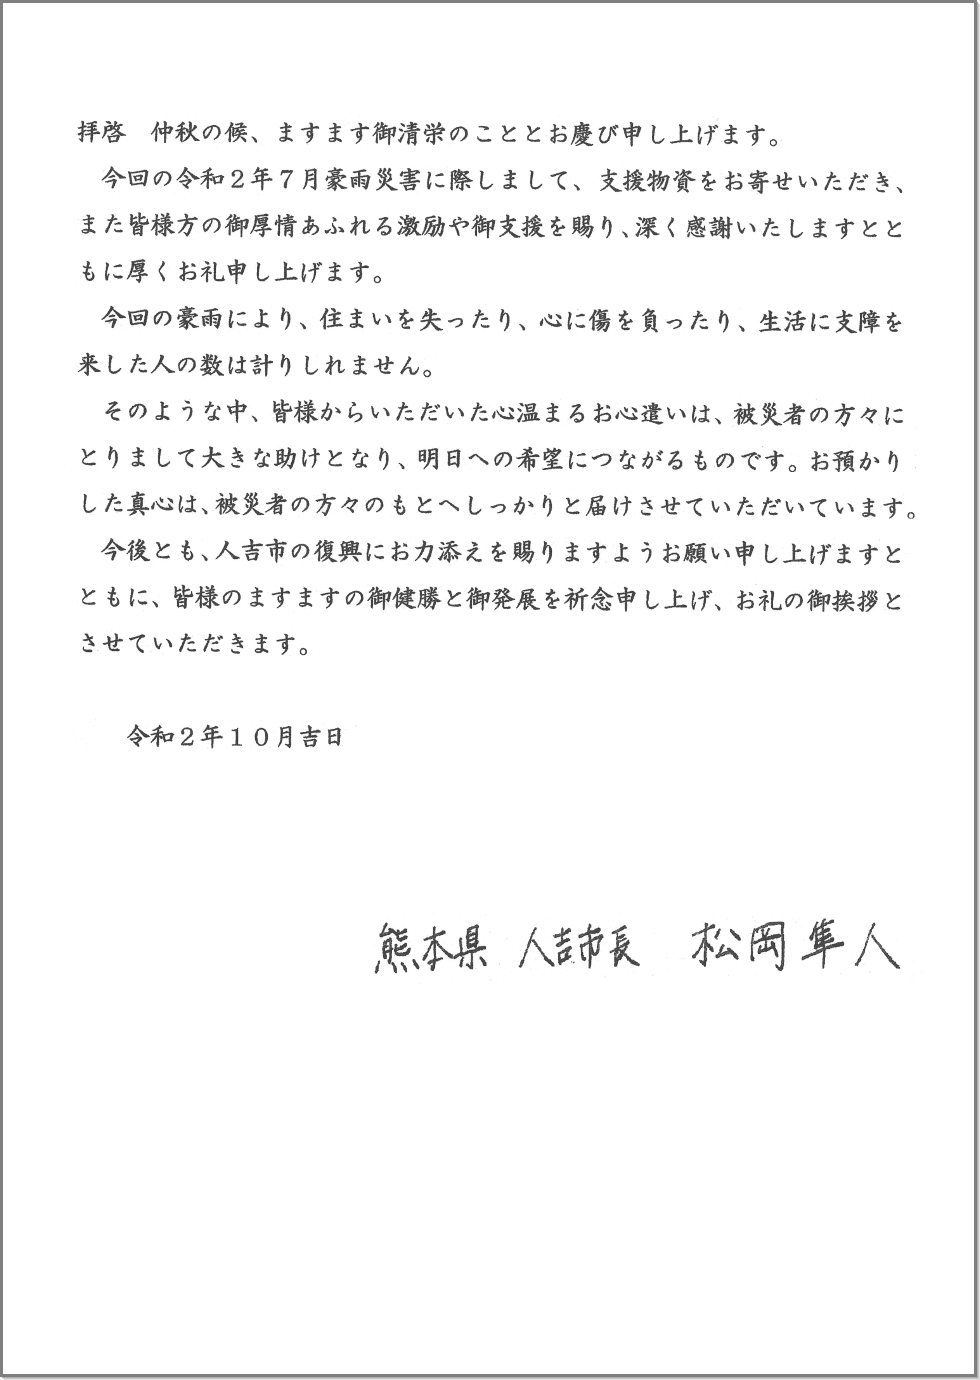 20201009 熊本県より寄付へのお礼状が届きました